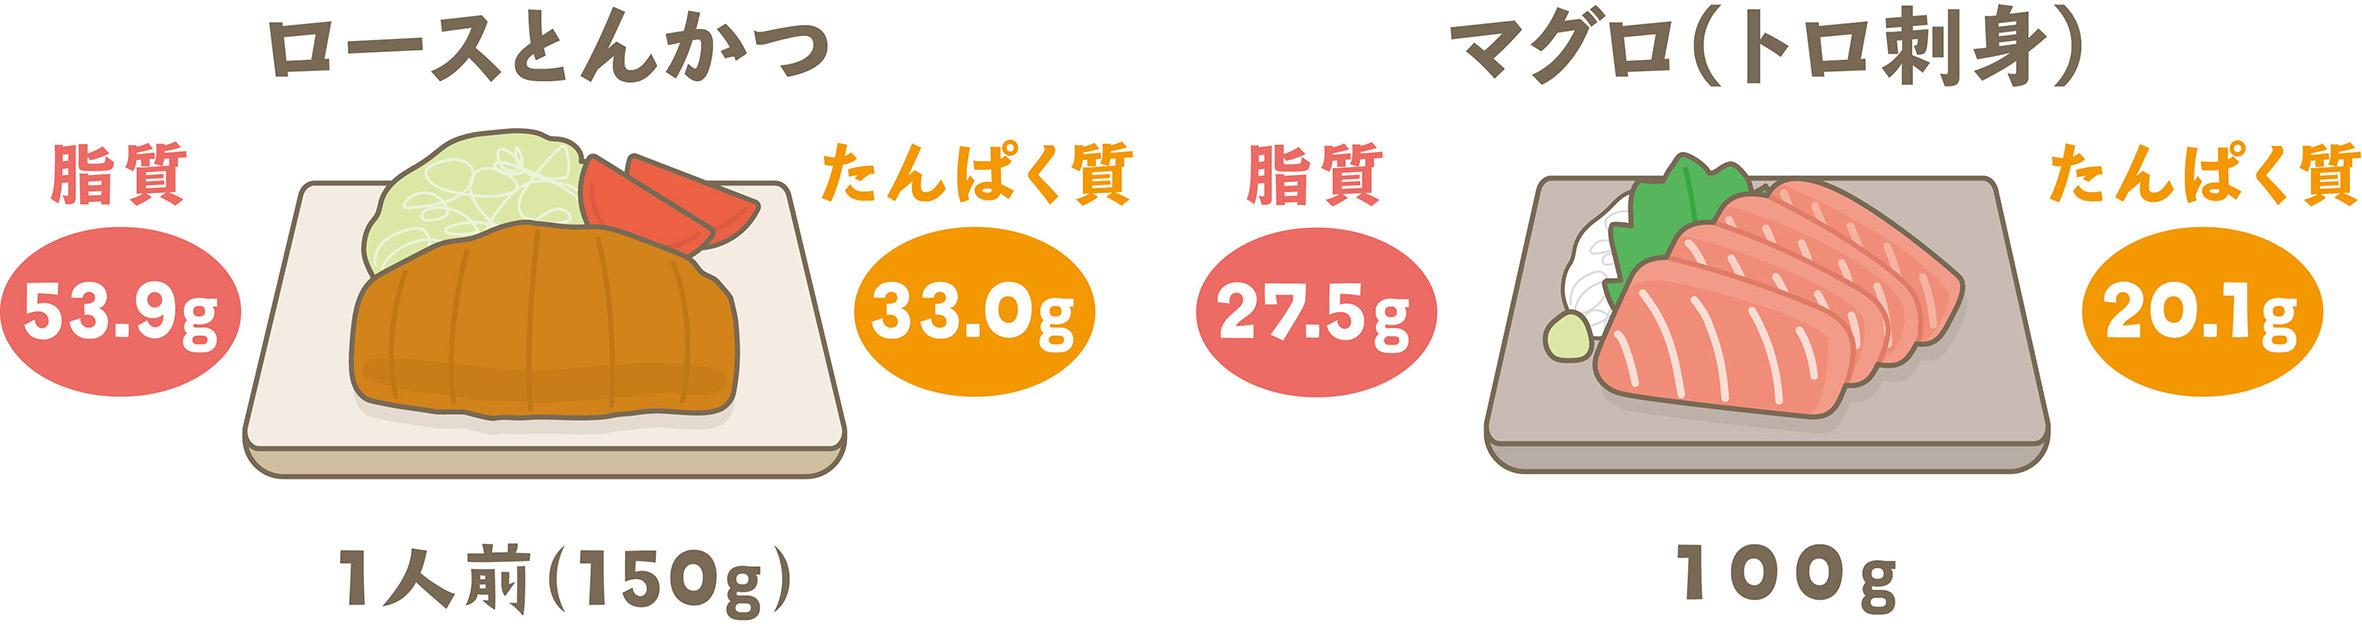 たんぱく質と脂質を含む食品例